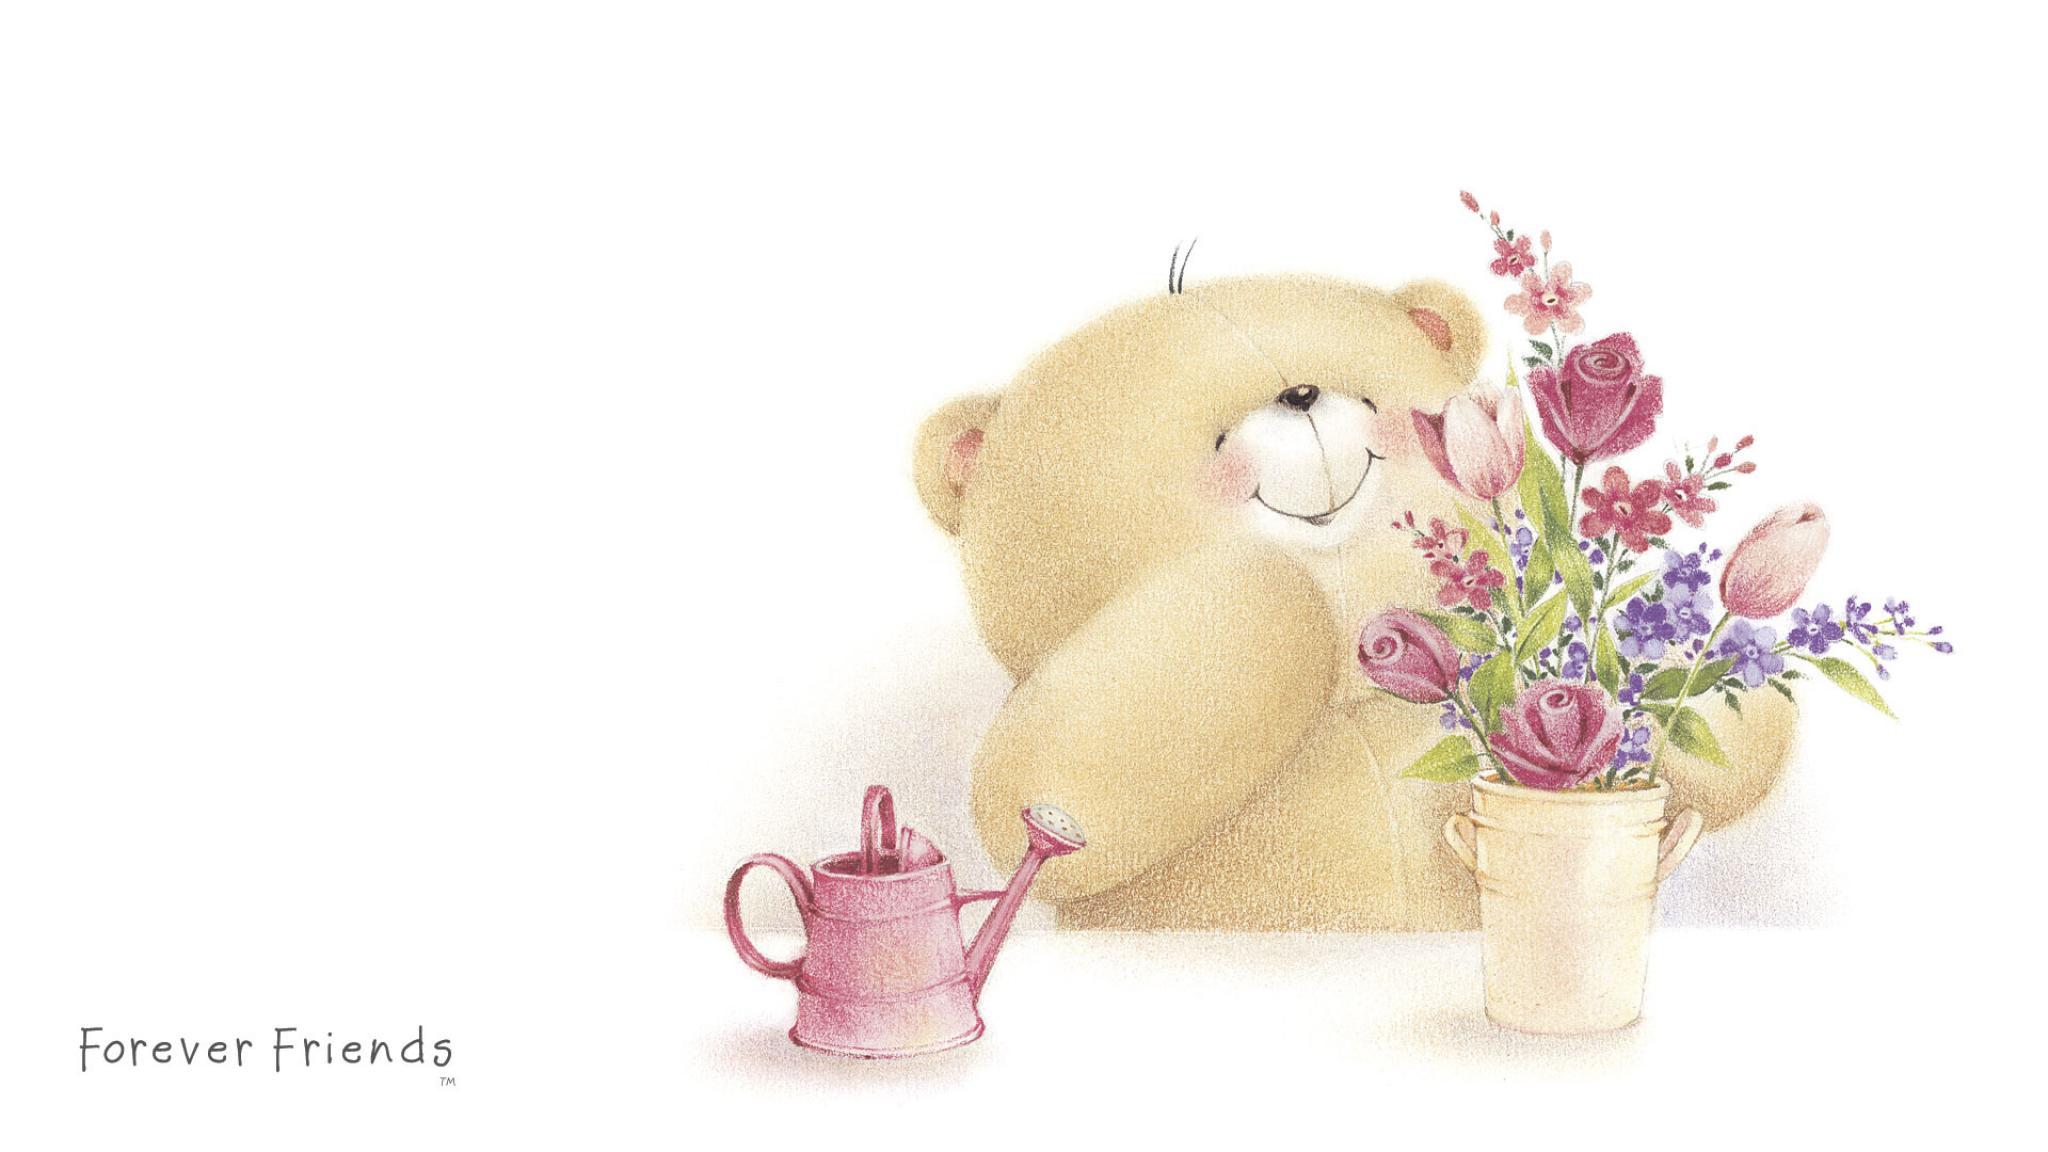 Доброго утра медвежонок - Доброе утро - Анимационные блестящие картинки GIF 13